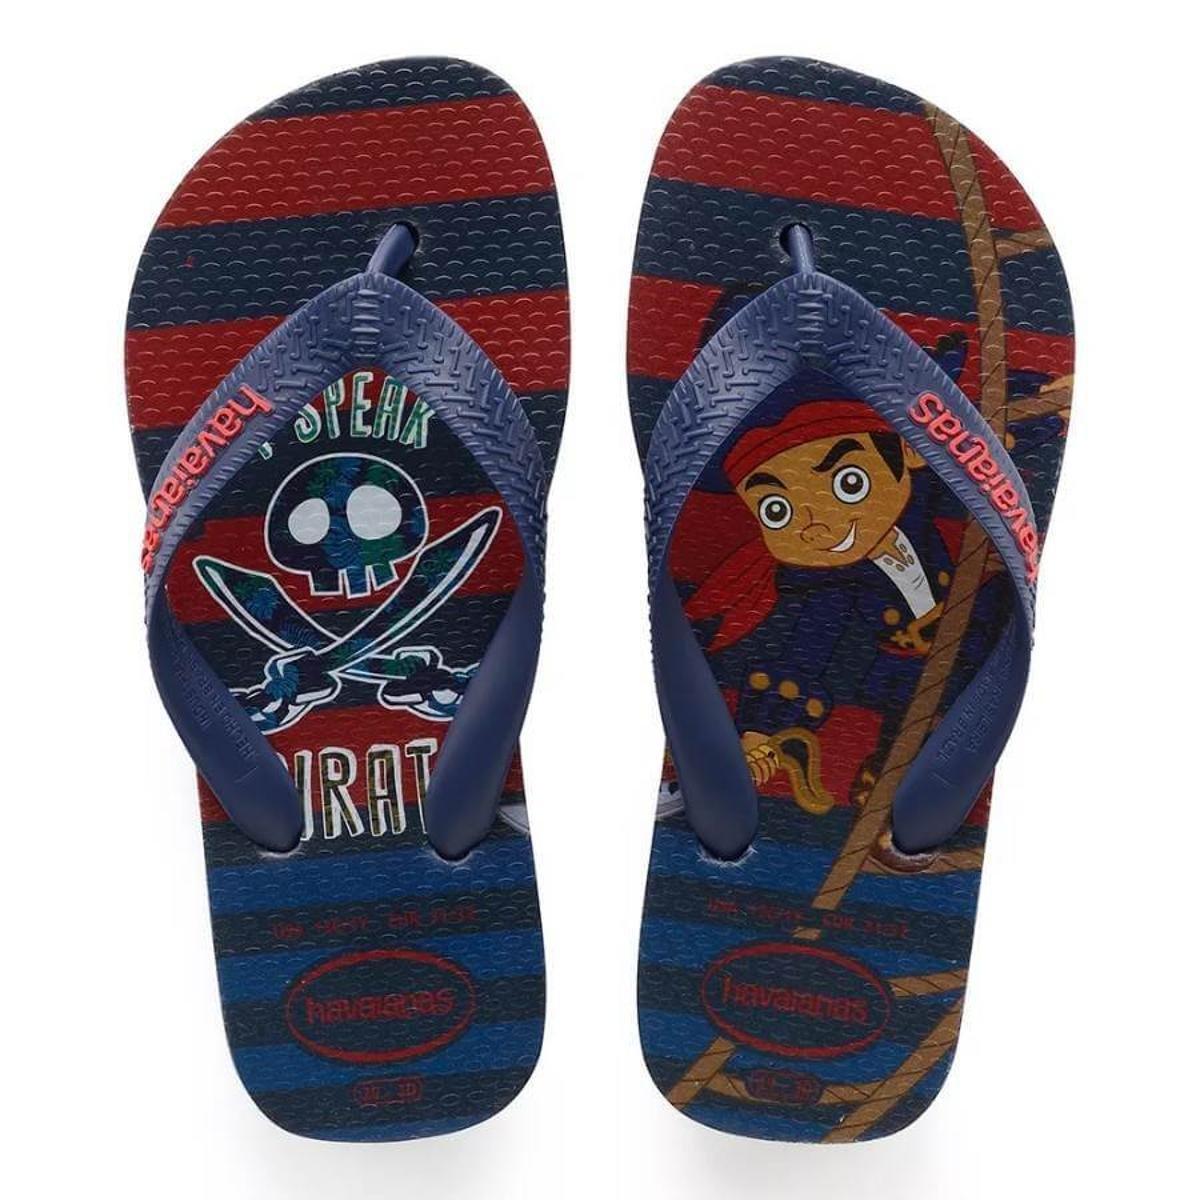 2e83f4fd895f8 Chinelo Infantil Havaianas Jake E Os Piratas - Compre Agora